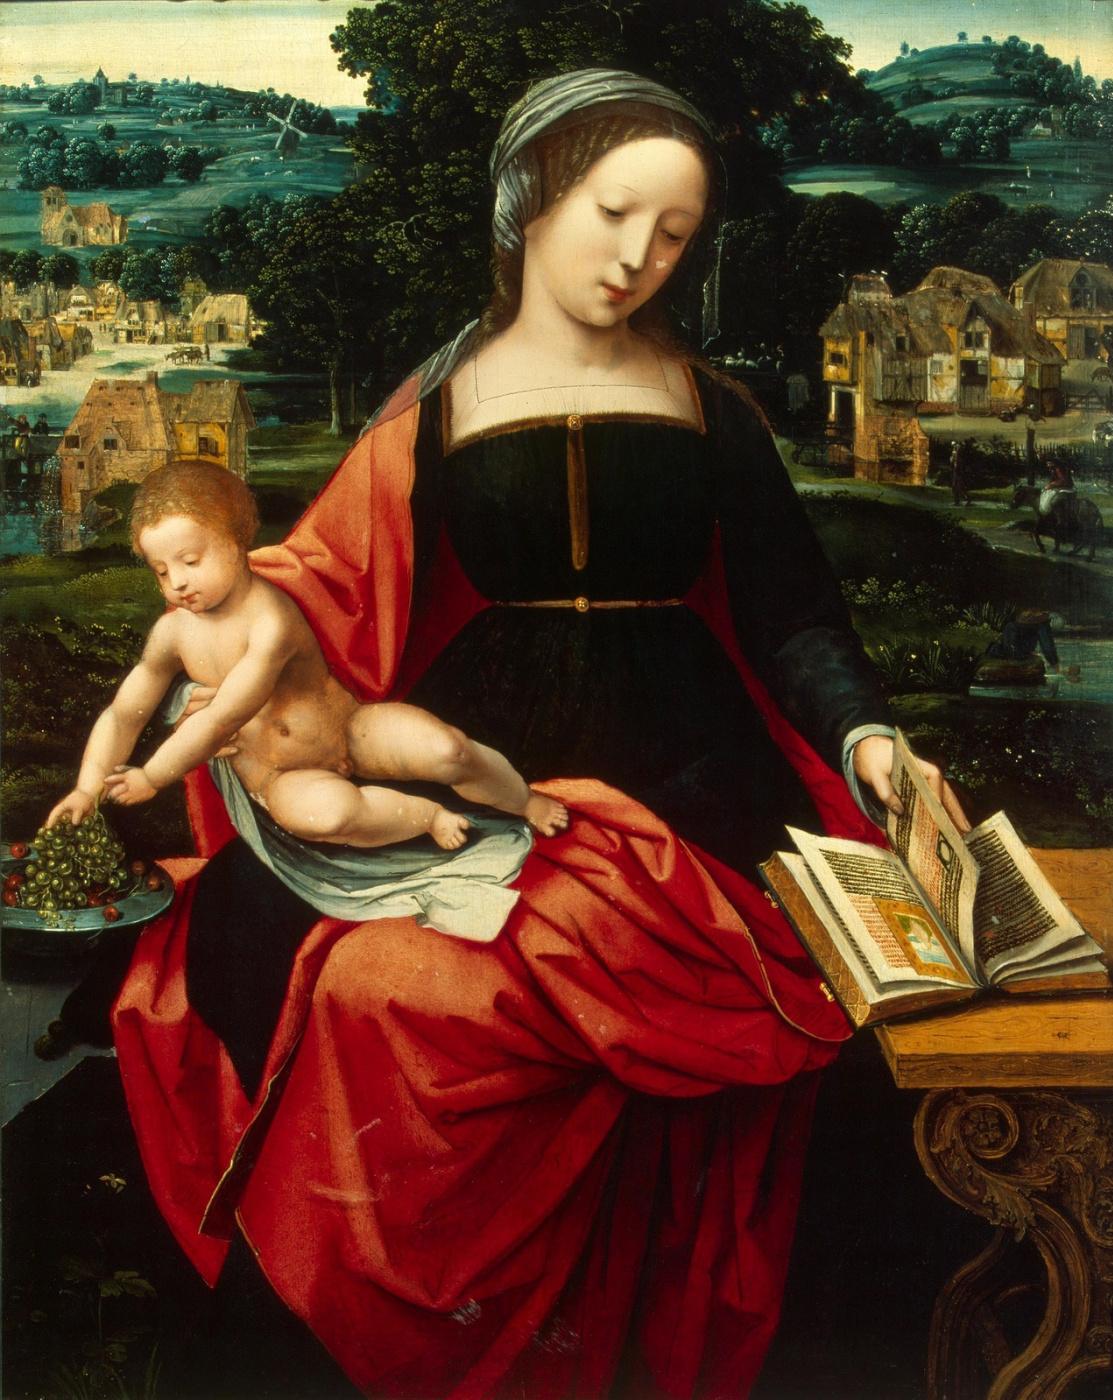 Unknown artist. Netherlands School. 1530-1540 Madonna and Child.